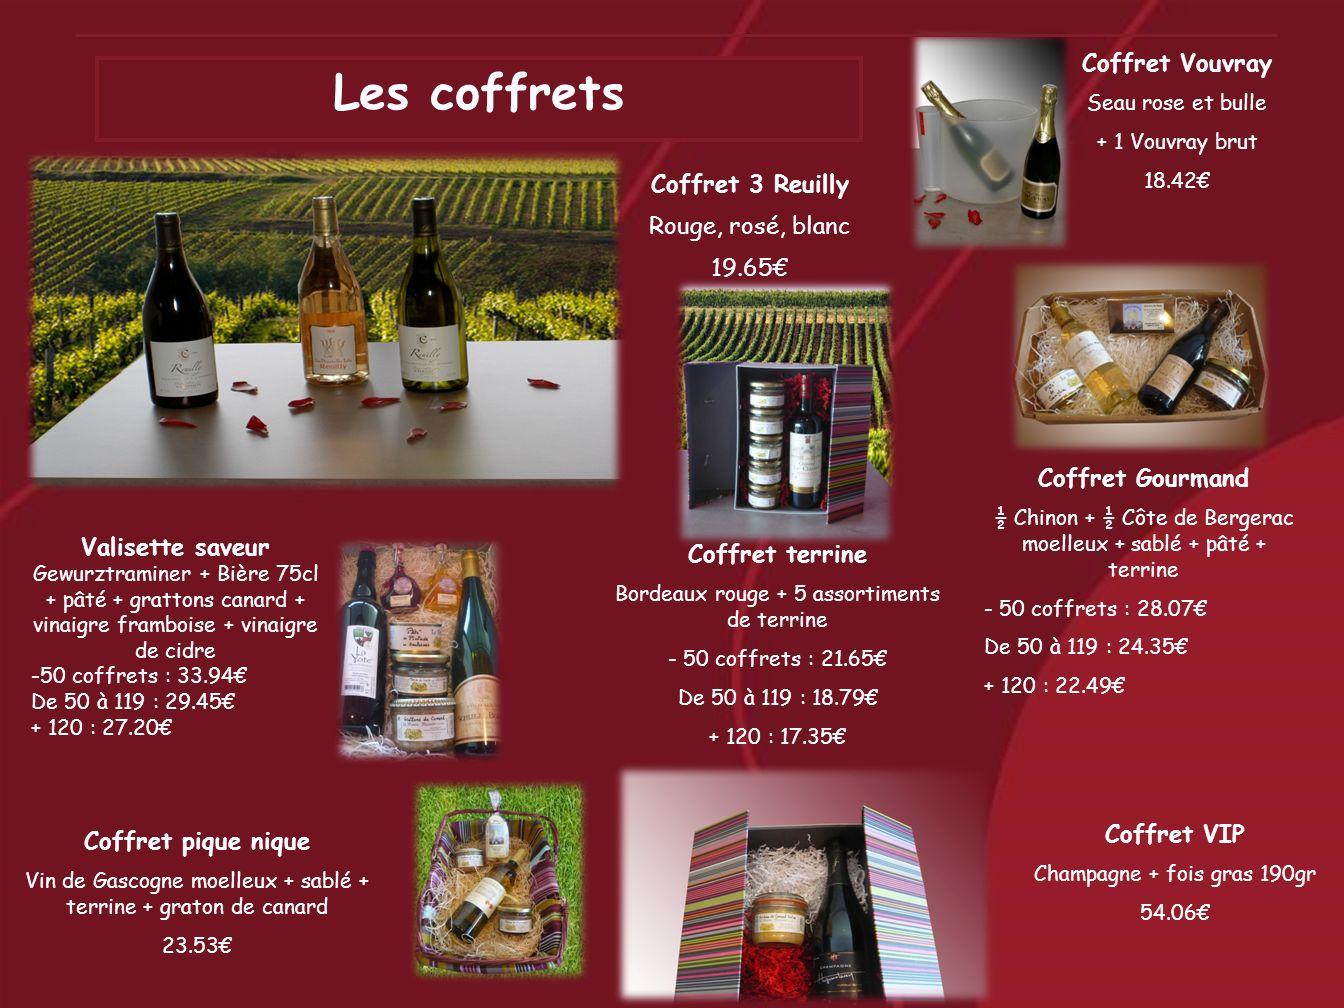 Coffret VIP Champagne + fois gras 190gr 54.06 Coffret pique nique Vin de Gascogne moelleux + sablé + terrine + graton de canard 23.53 Valisette saveur